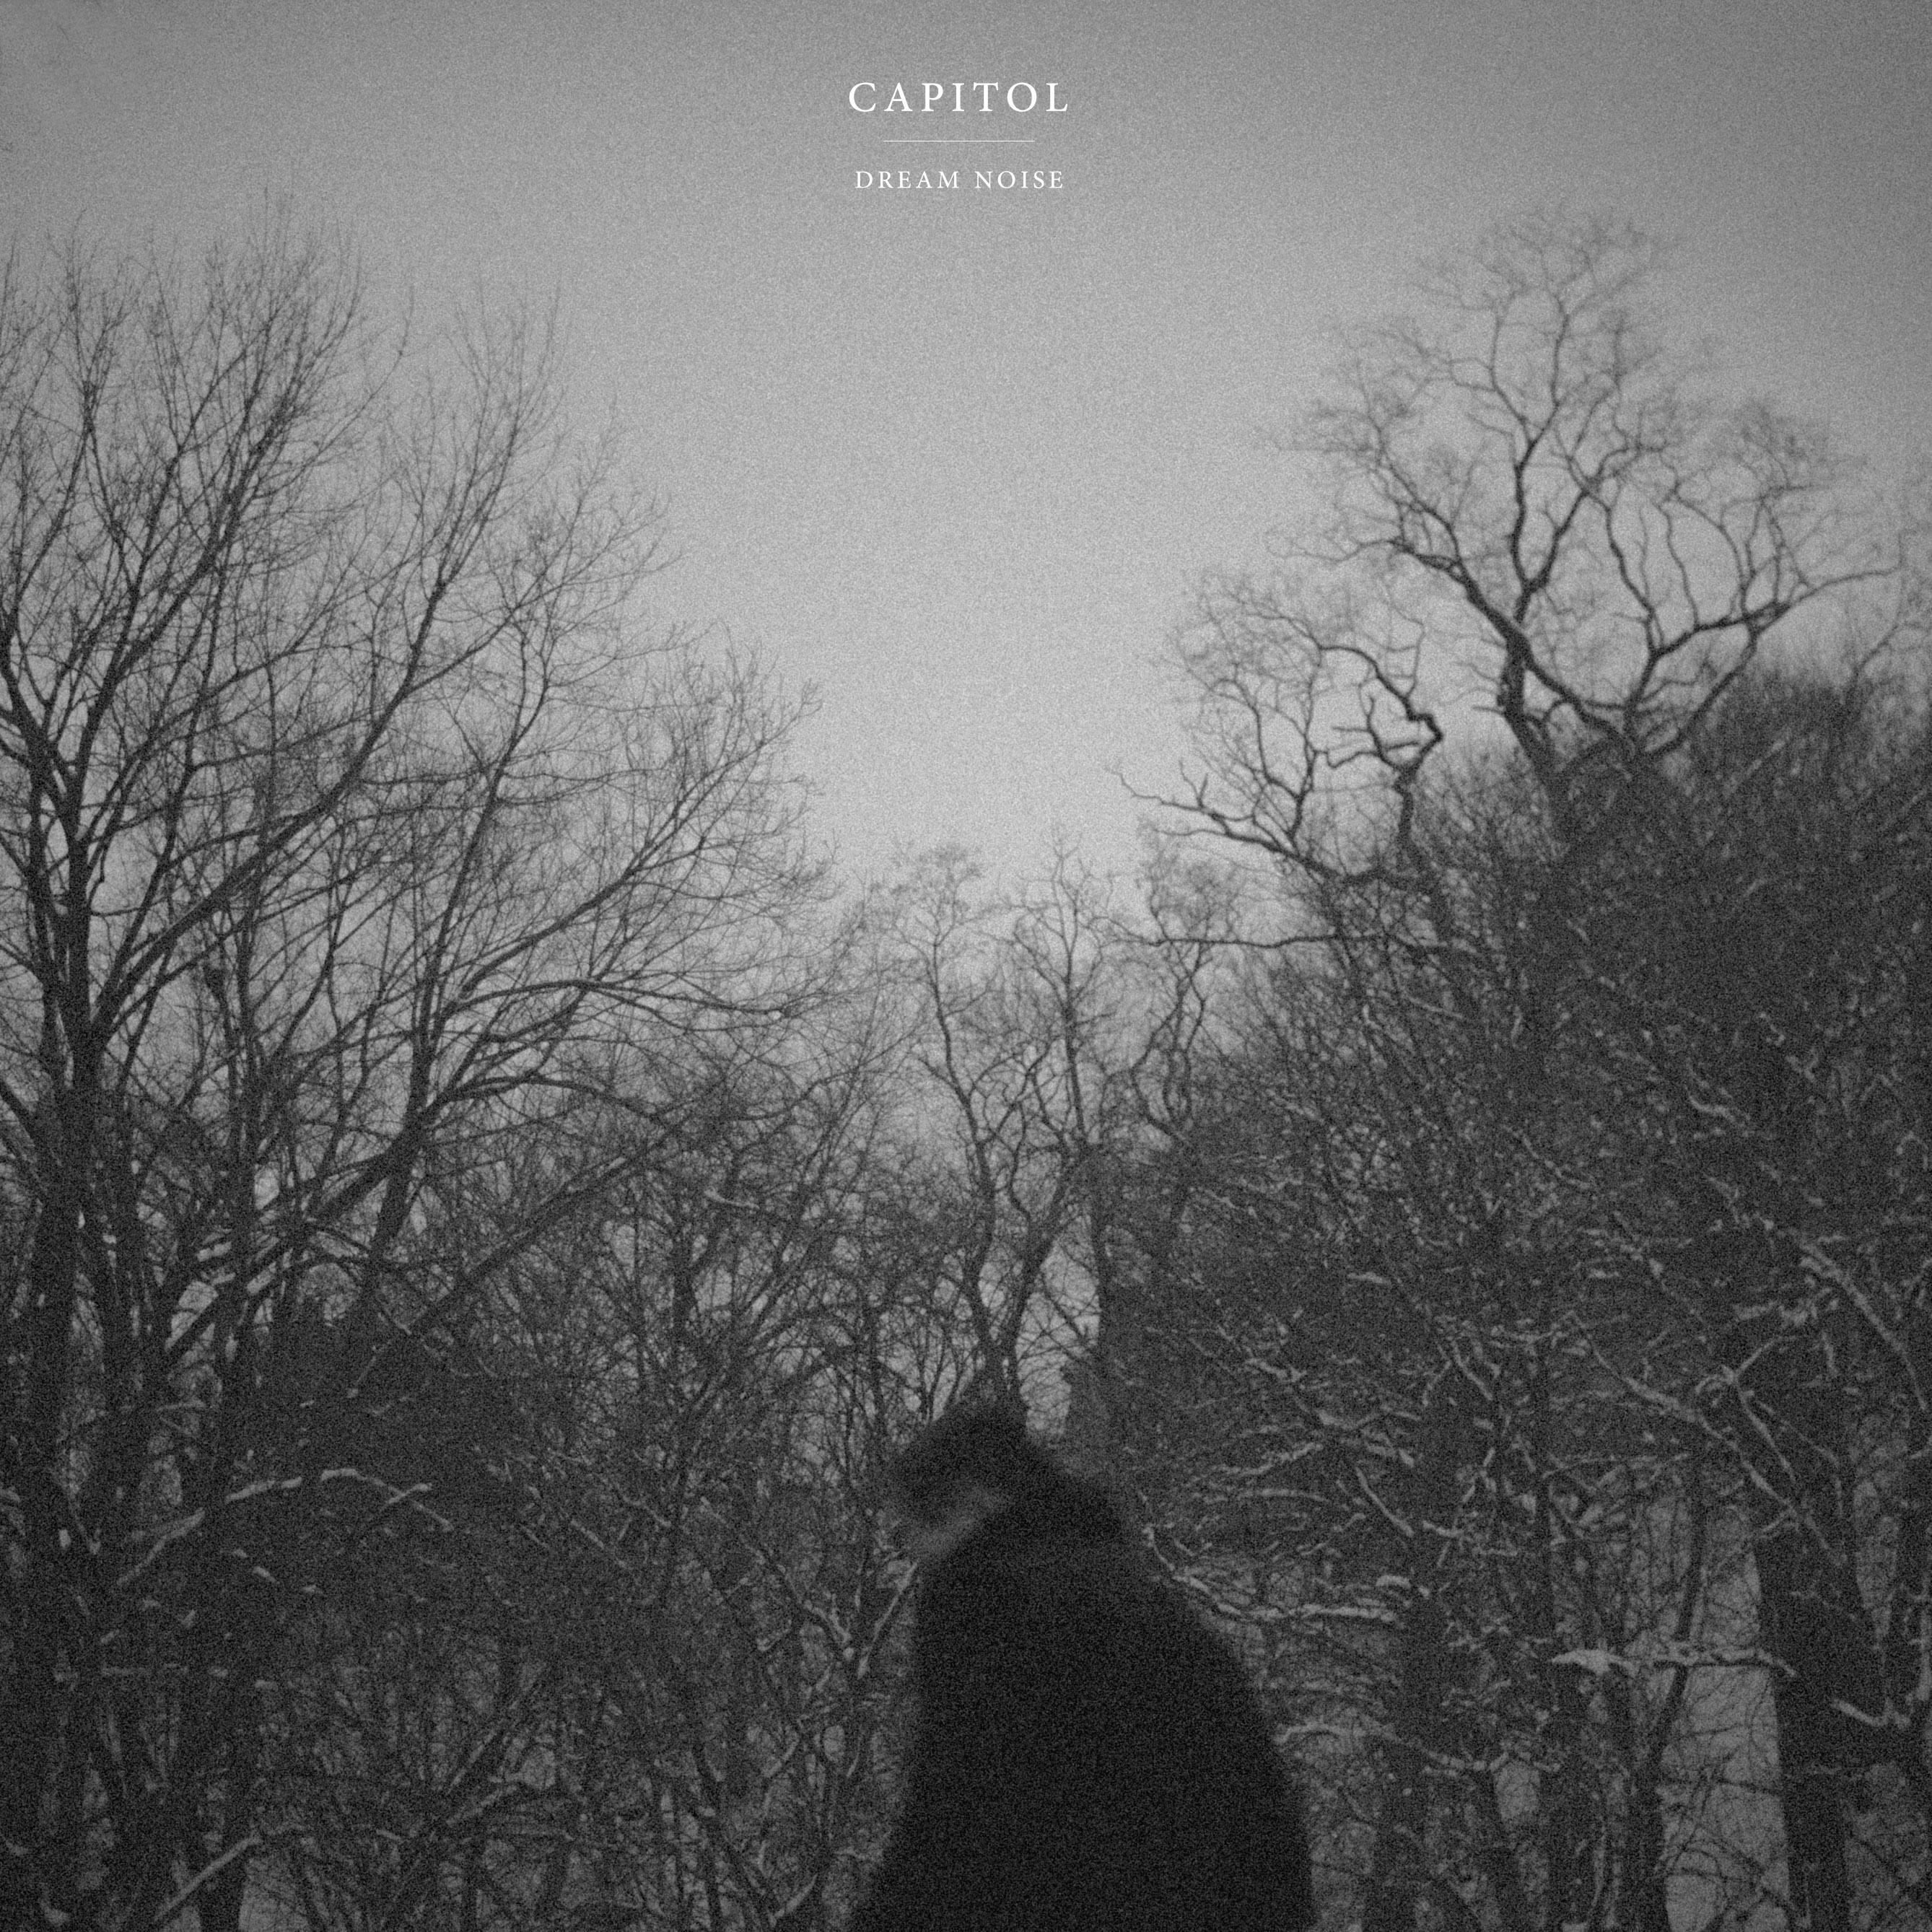 Capitol - Dream Noise